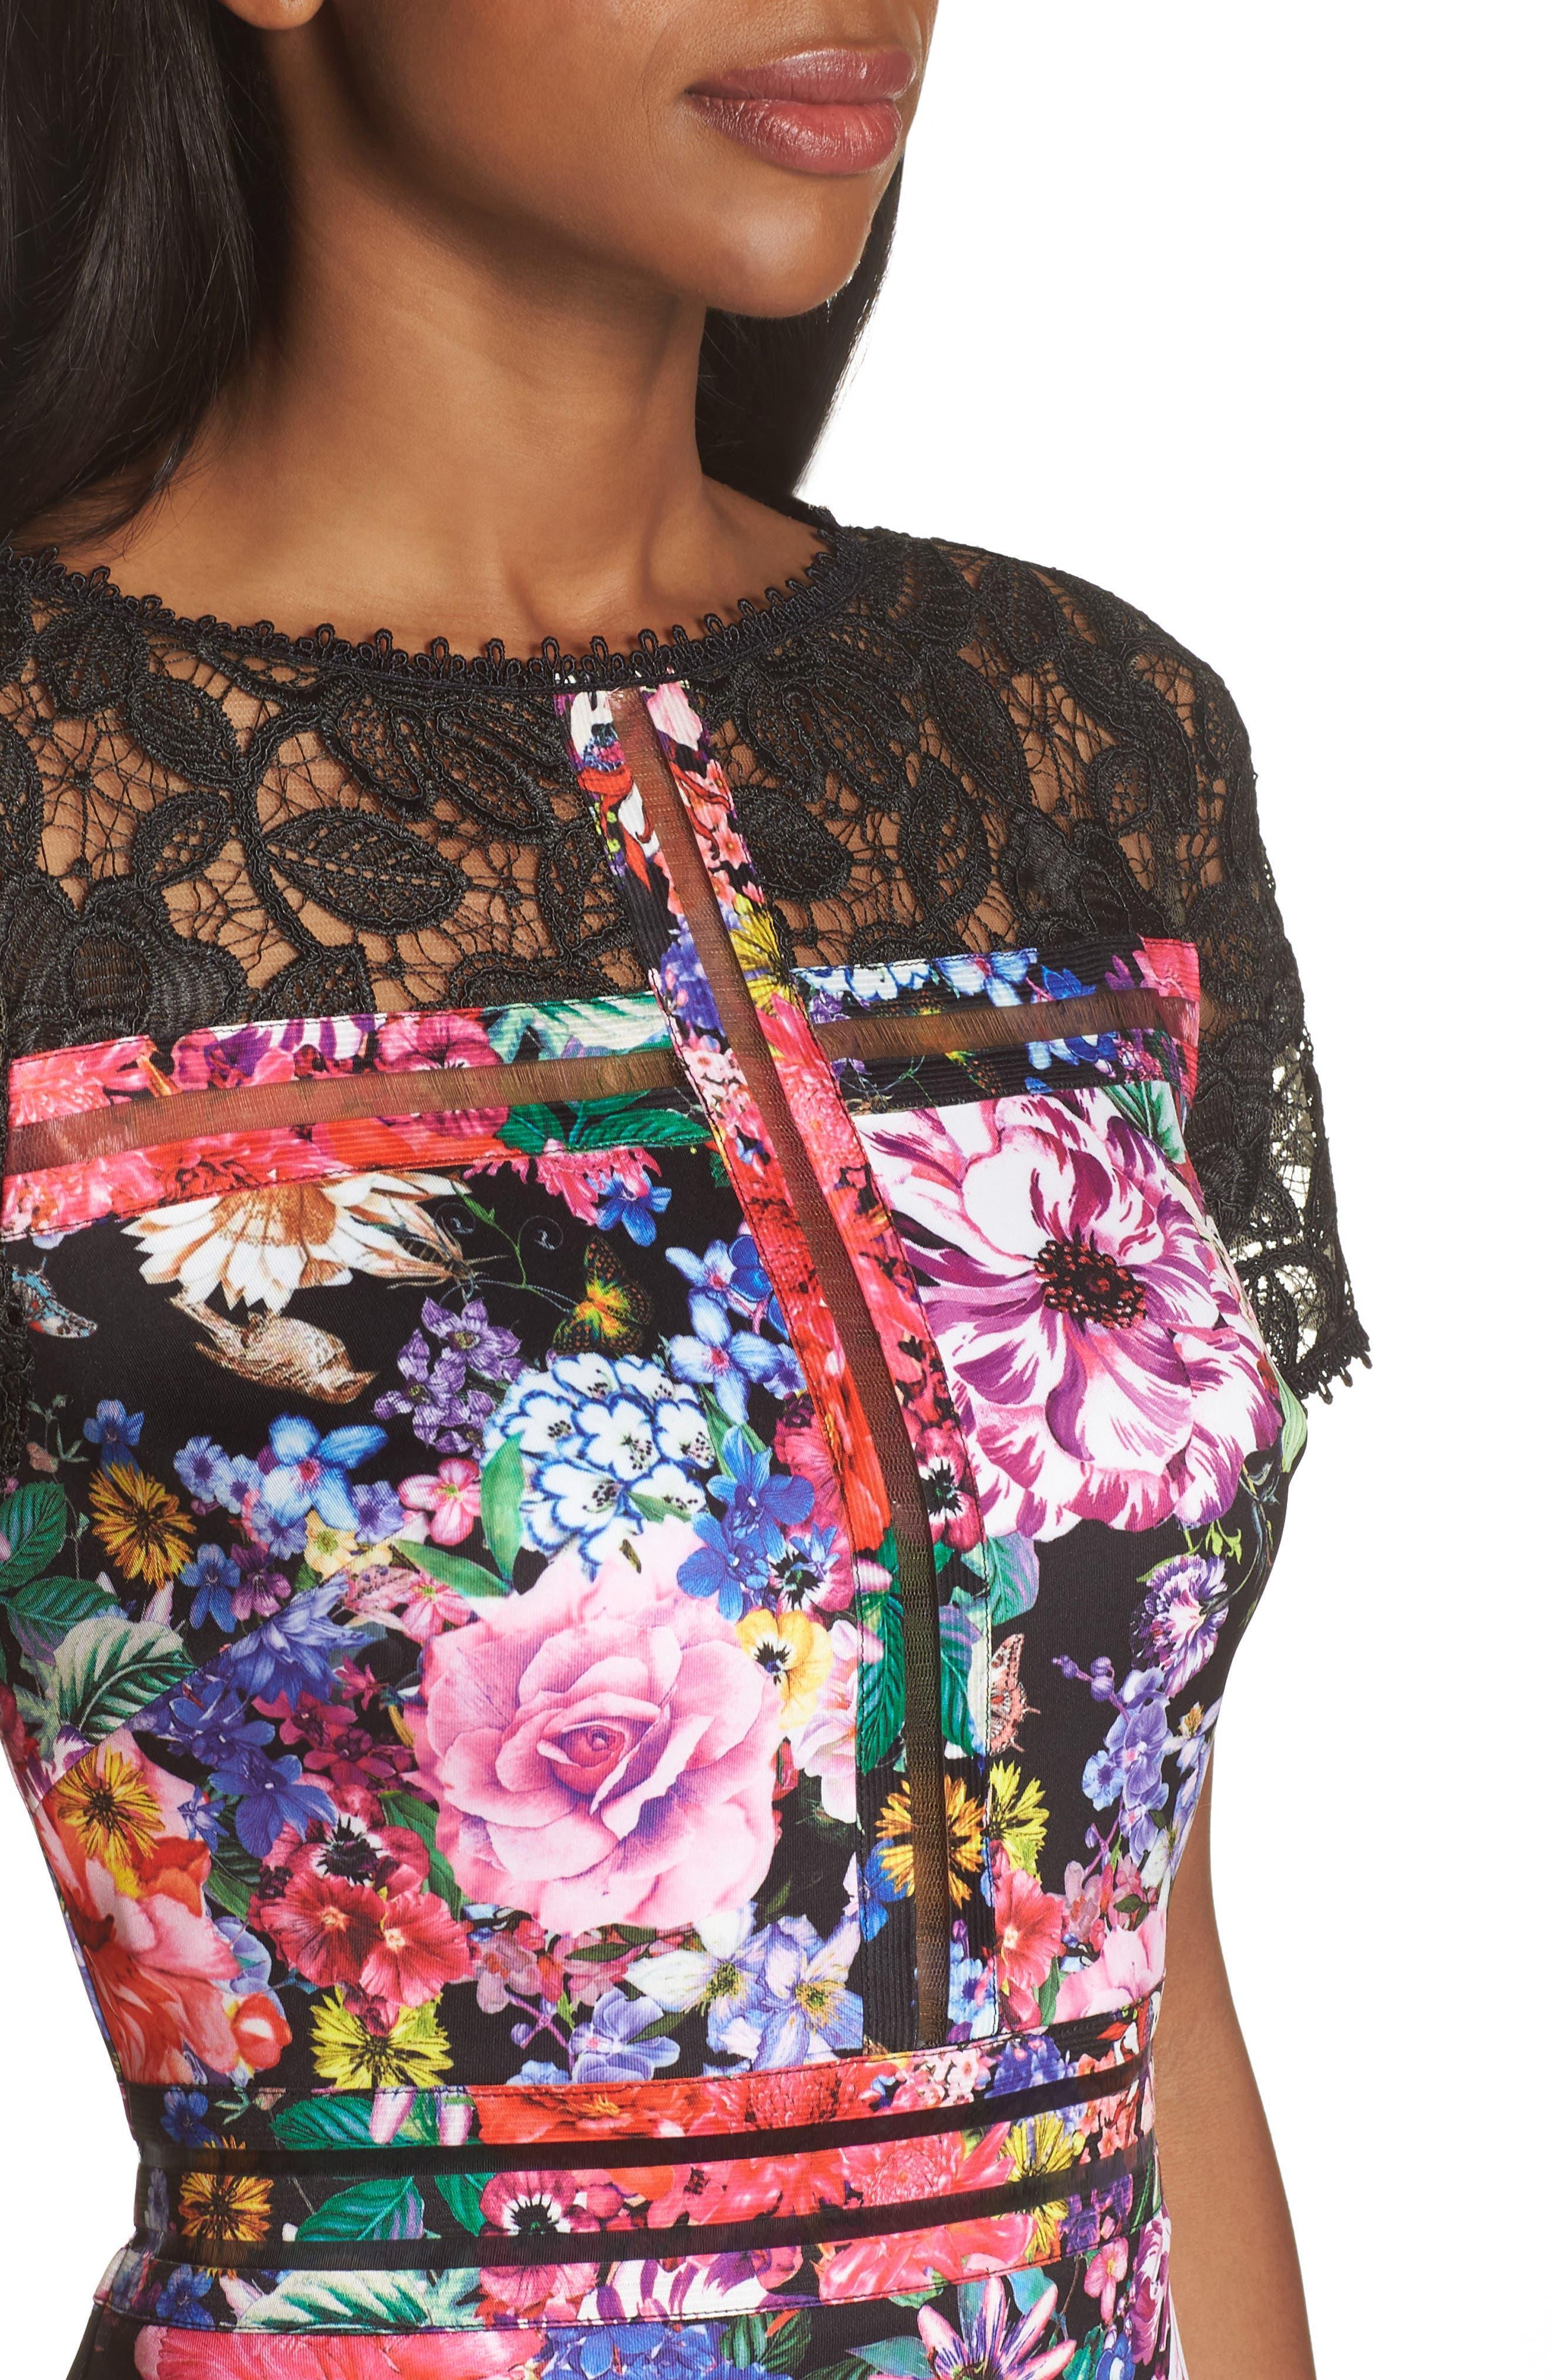 Floral & Lace Sheath Dress,                             Alternate thumbnail 4, color,                             Black/ Floral